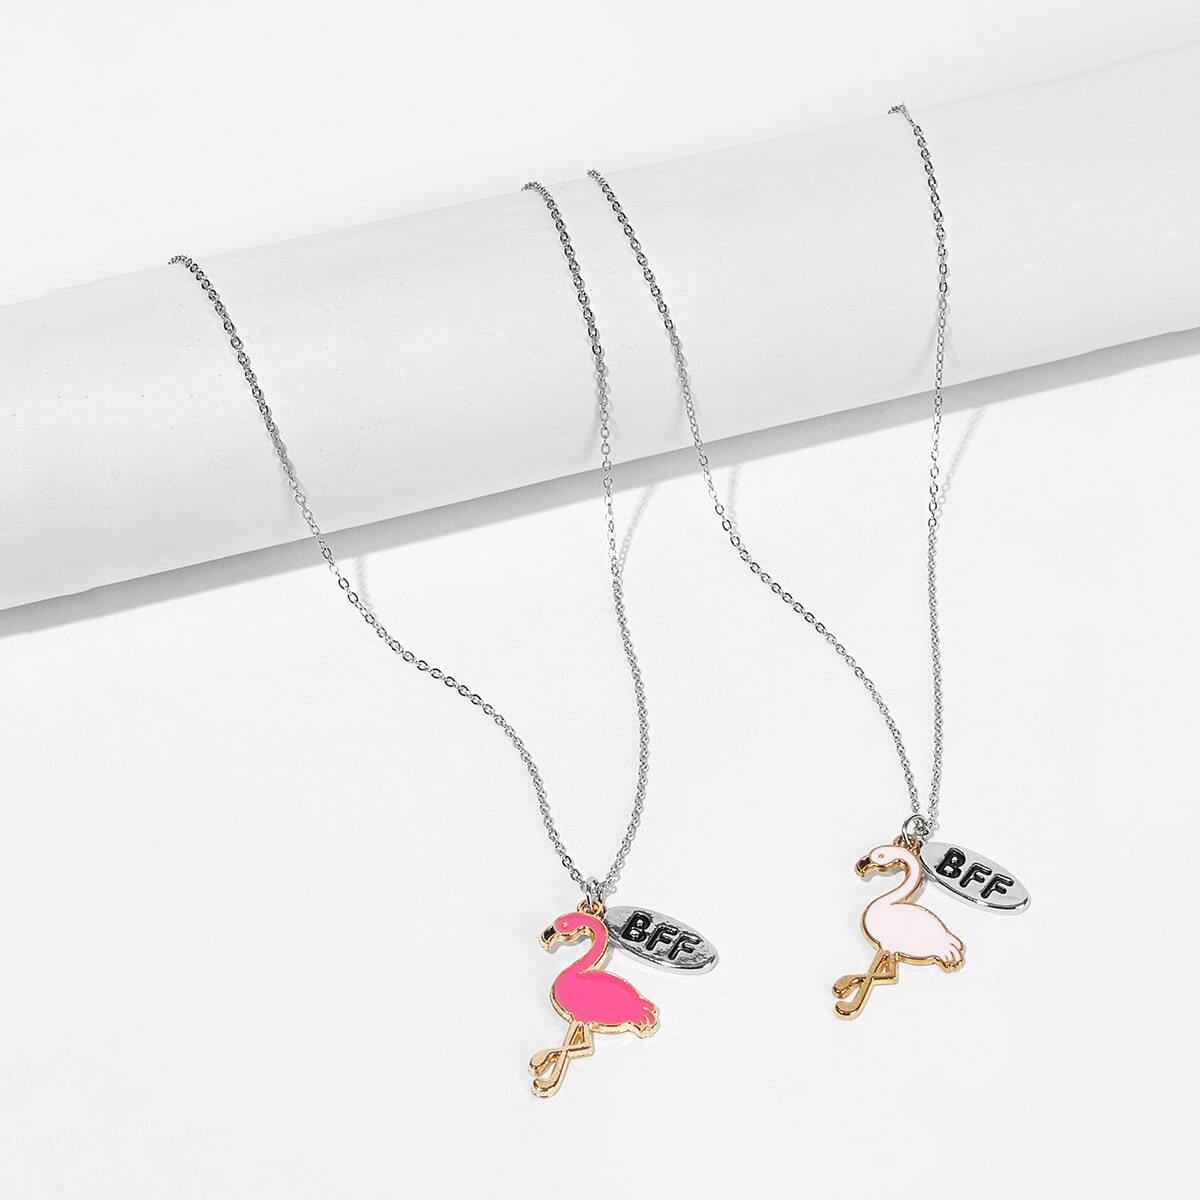 Mädchen Halskette Set mit Flamingo Anhänger 2PCs